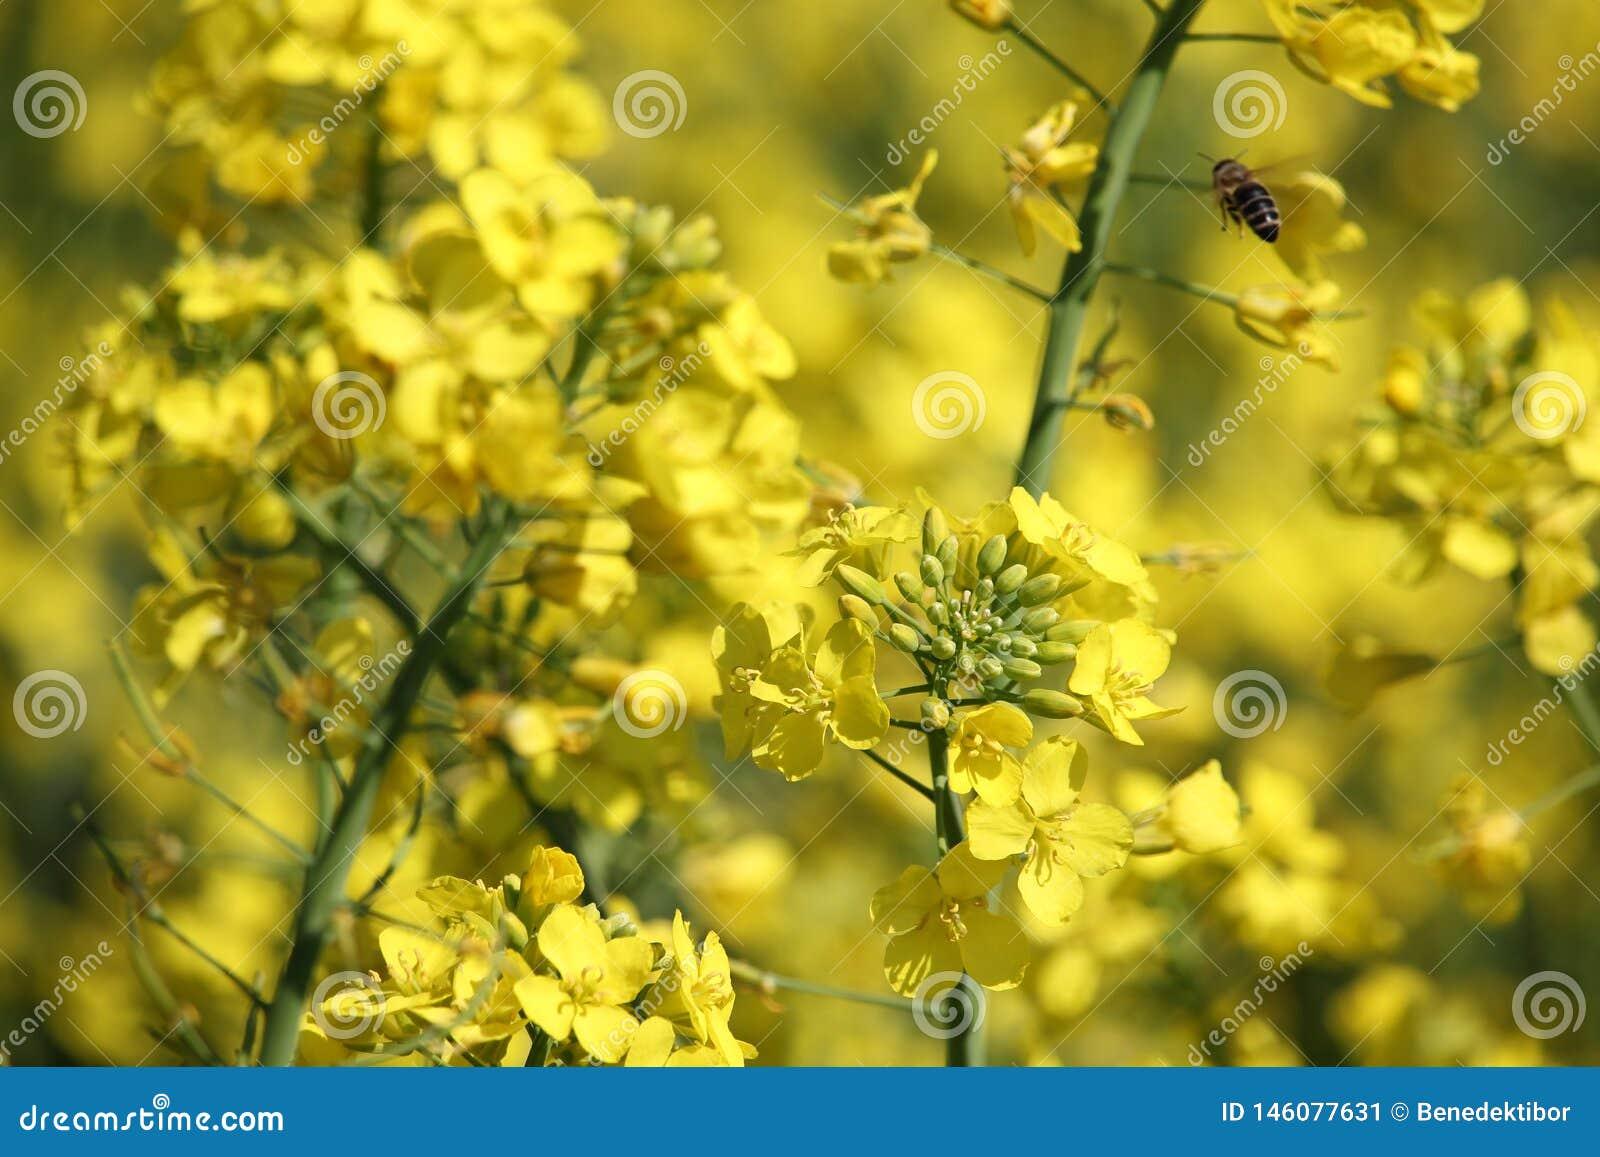 Gelbe Vergewaltigungsblumen mit Fliegenbienennahaufnahme